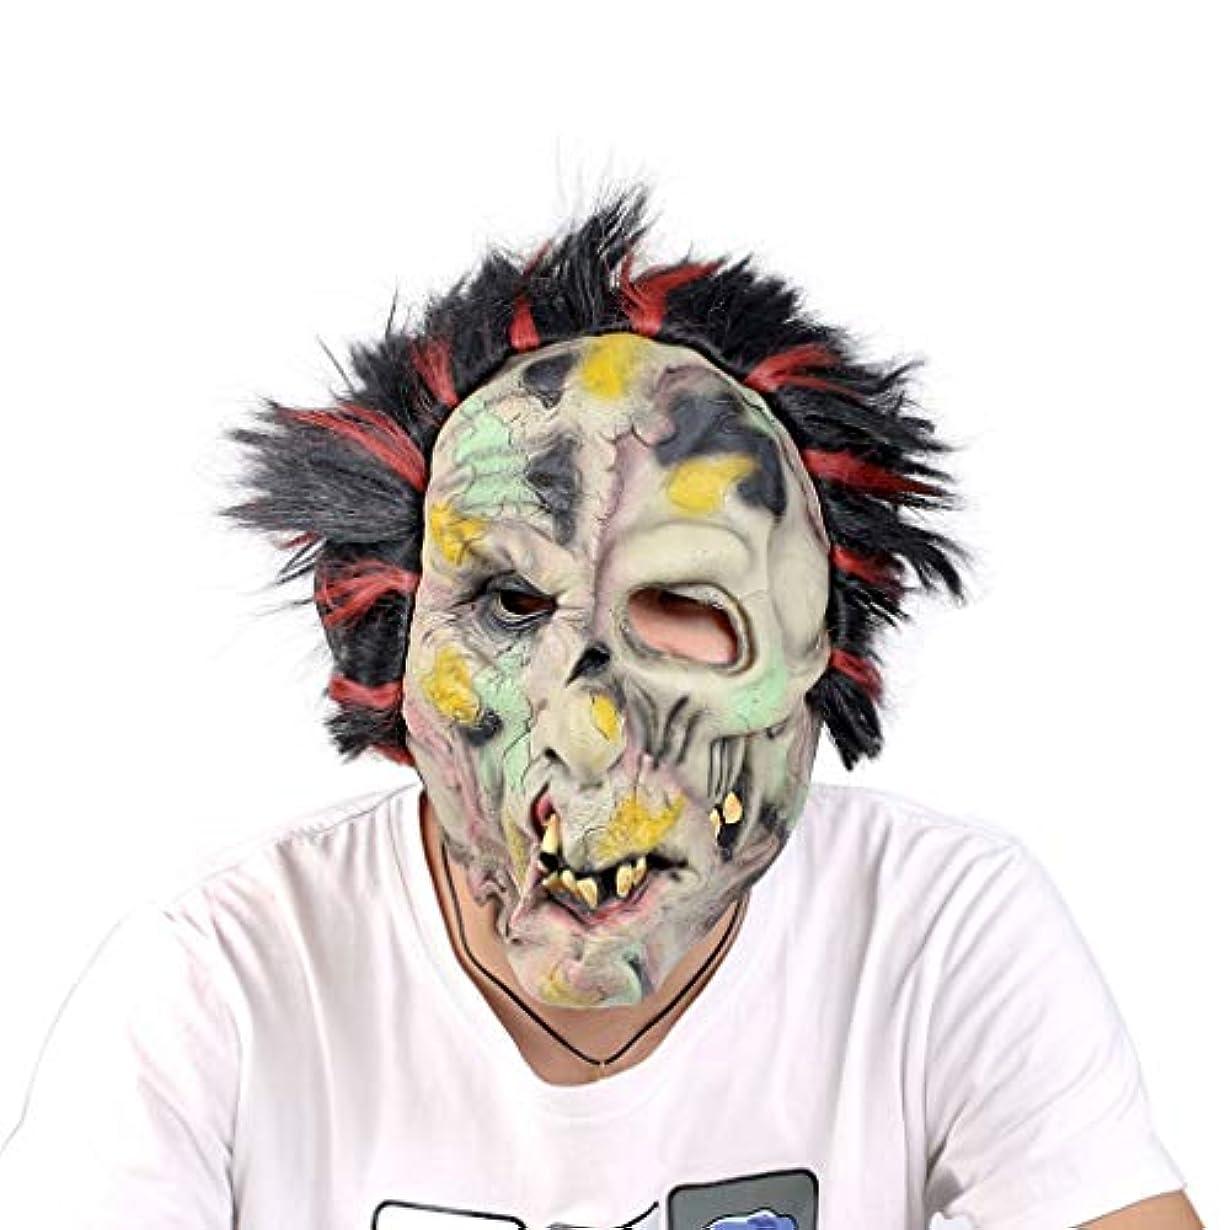 瞑想第おばさんハロウィンホラーマスクお化け屋敷秘密の部屋アレンジメントパーティー映画撮影ホラー全体の人々トリッキーな怖いマスク